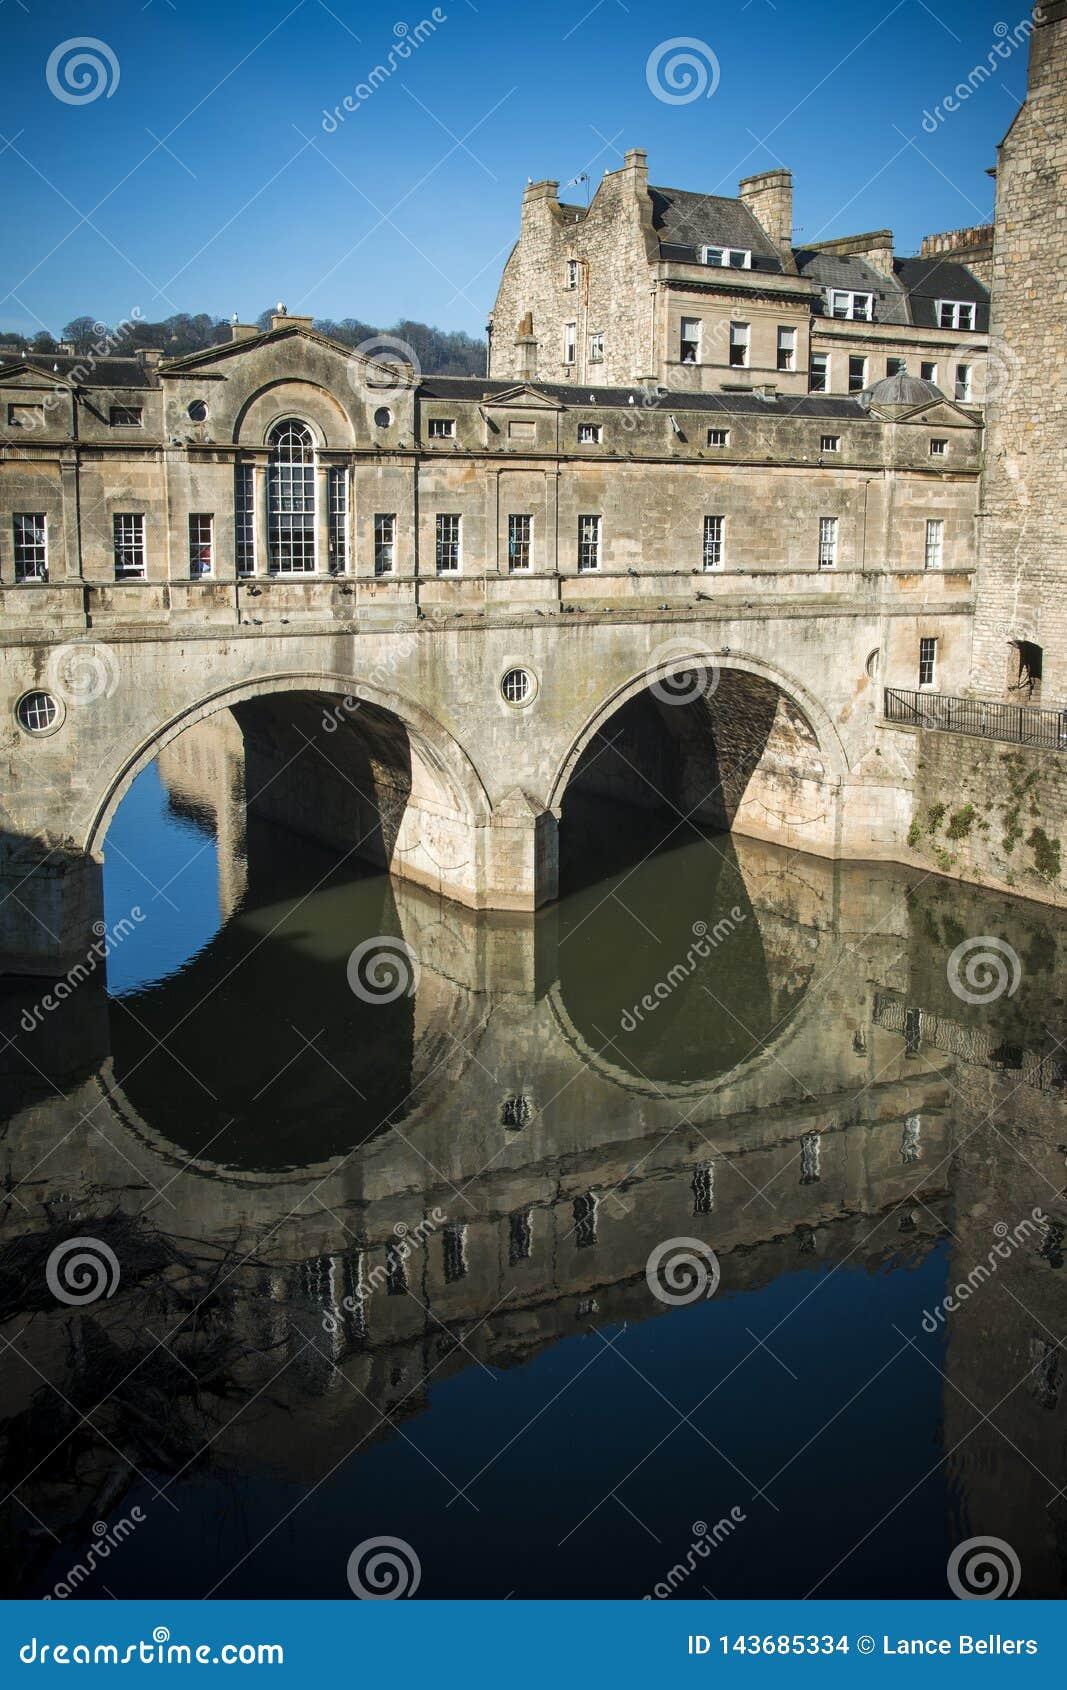 Bath Pulteney Bridge in sunshine in the Somerset city